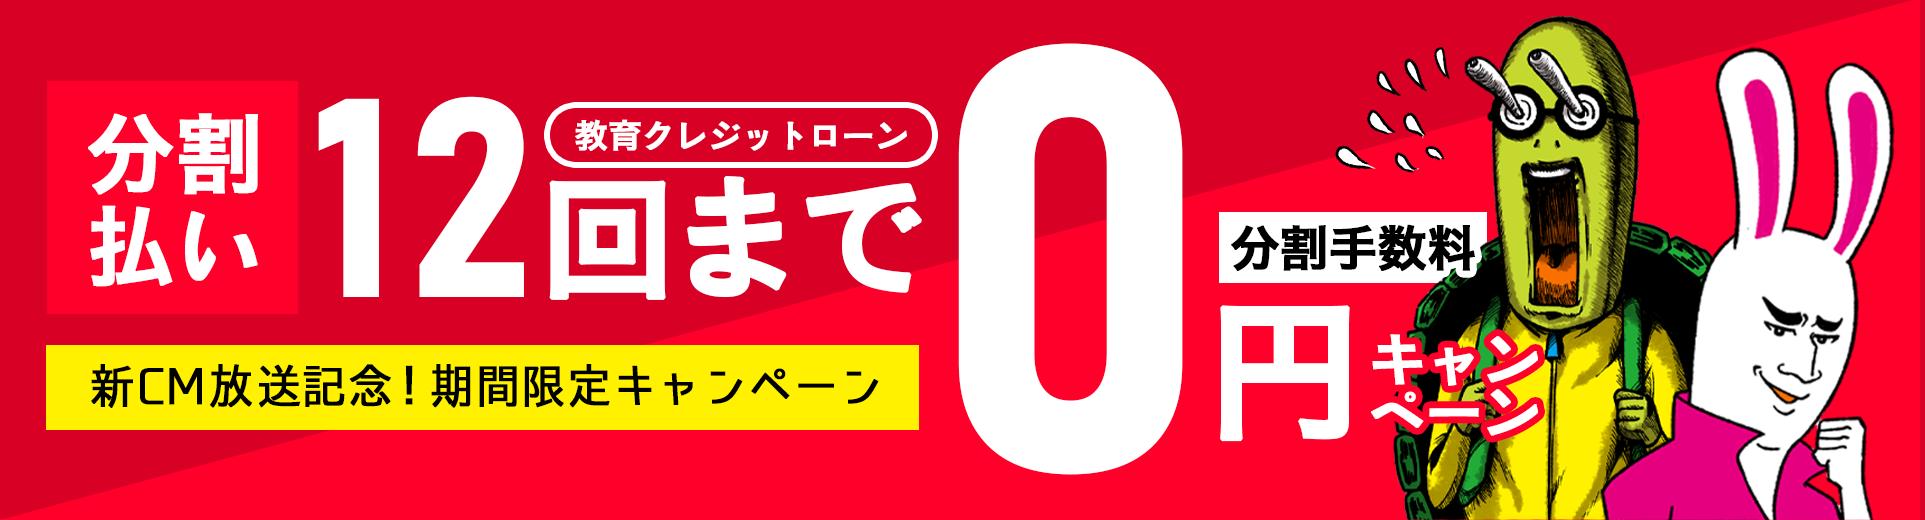 教育クレジットローン0円キャンペーン